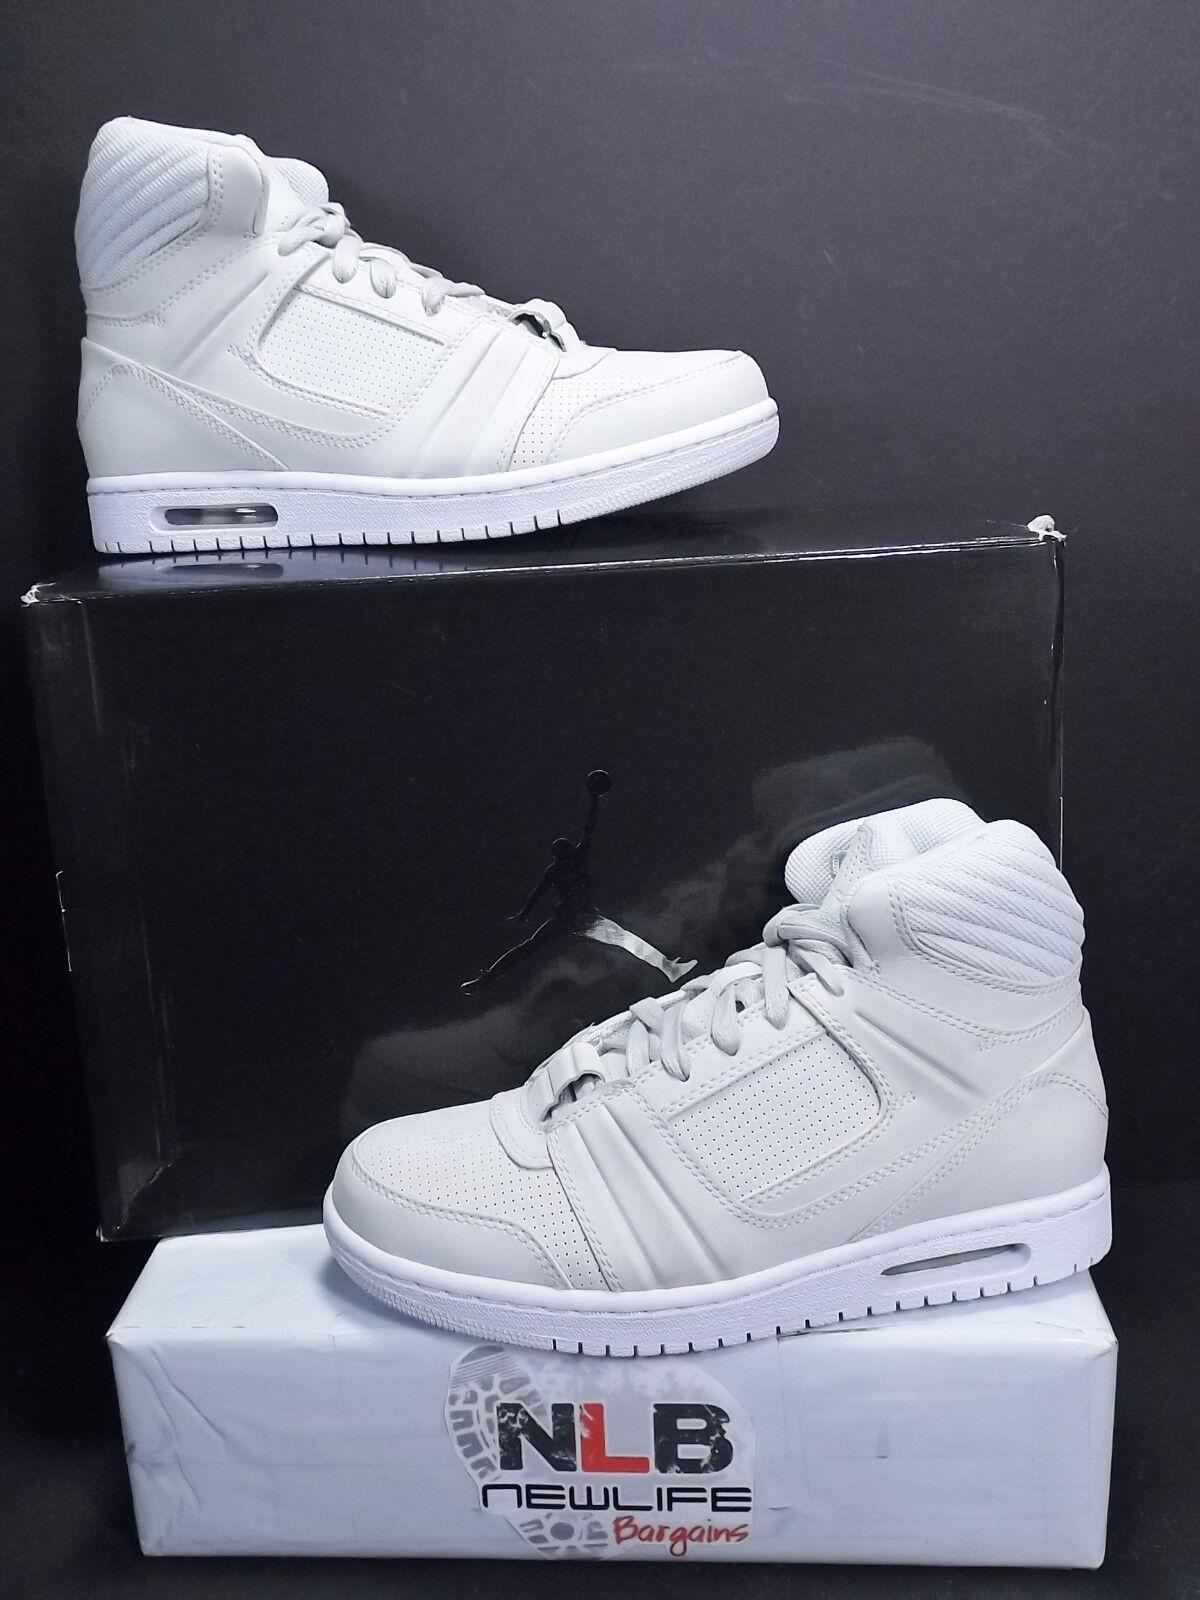 Nike Air Jordan L'Style II 2 Size Neutral Grey/White 407680-002 Men's Size 2 7 260339